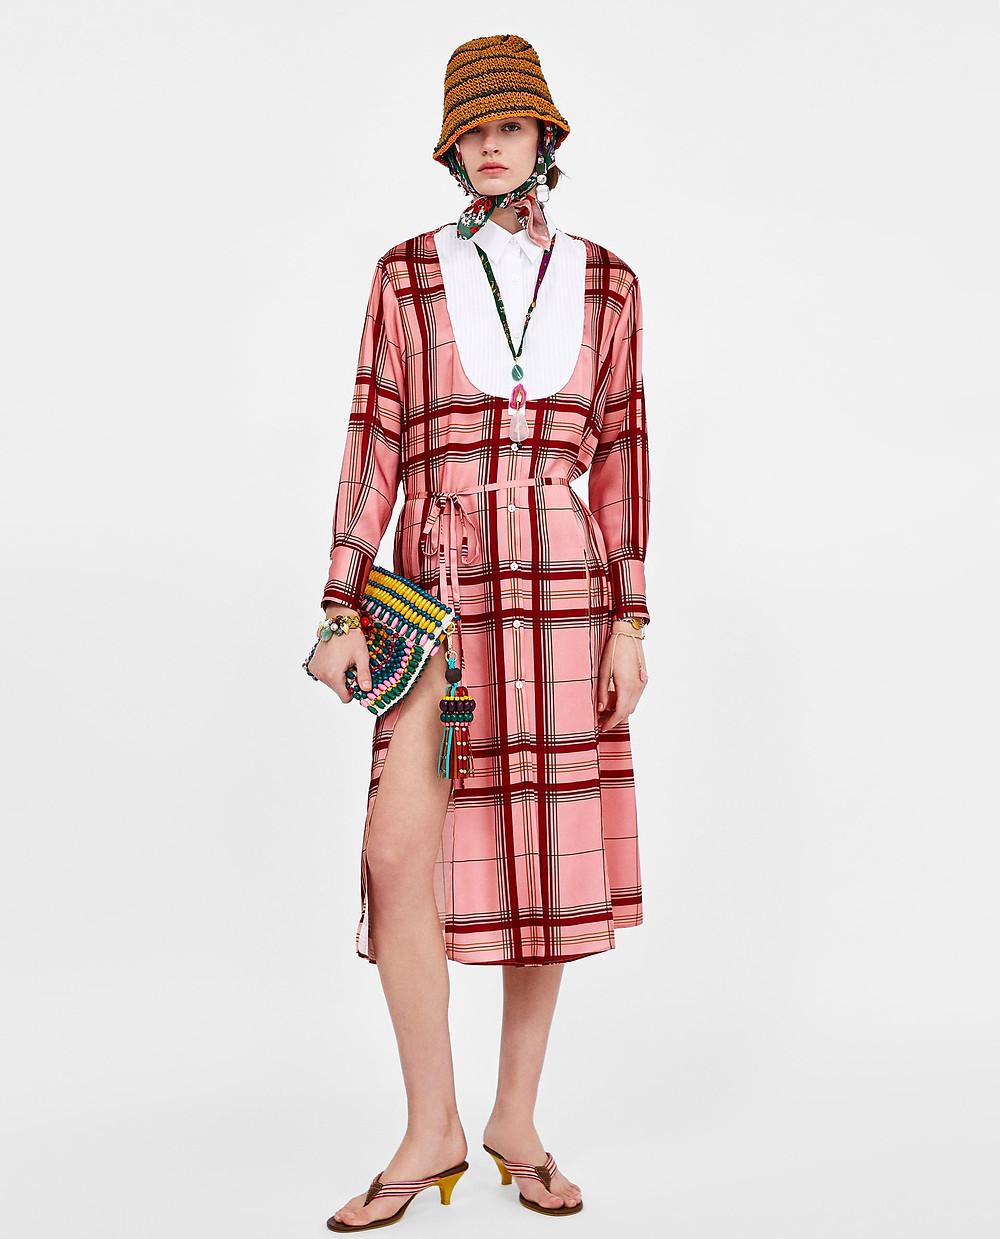 Zara Contrast Checked Dress $29.99